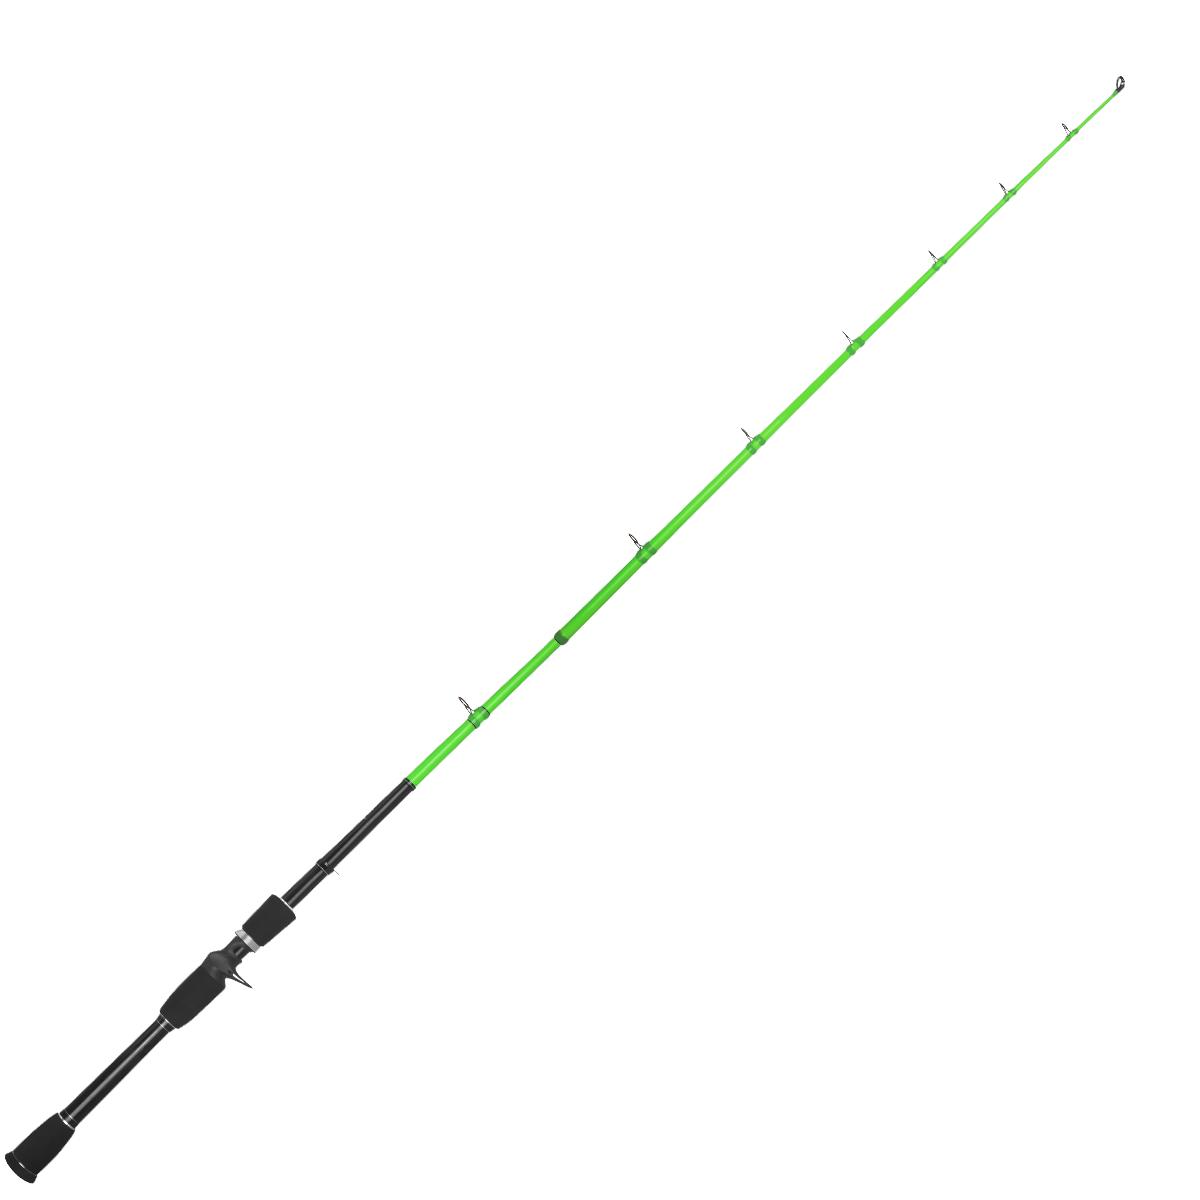 Vara Saint Tambaqui p/ Carretilha 2,55 m 50 lbs (2 partes)  - Pró Pesca Shop